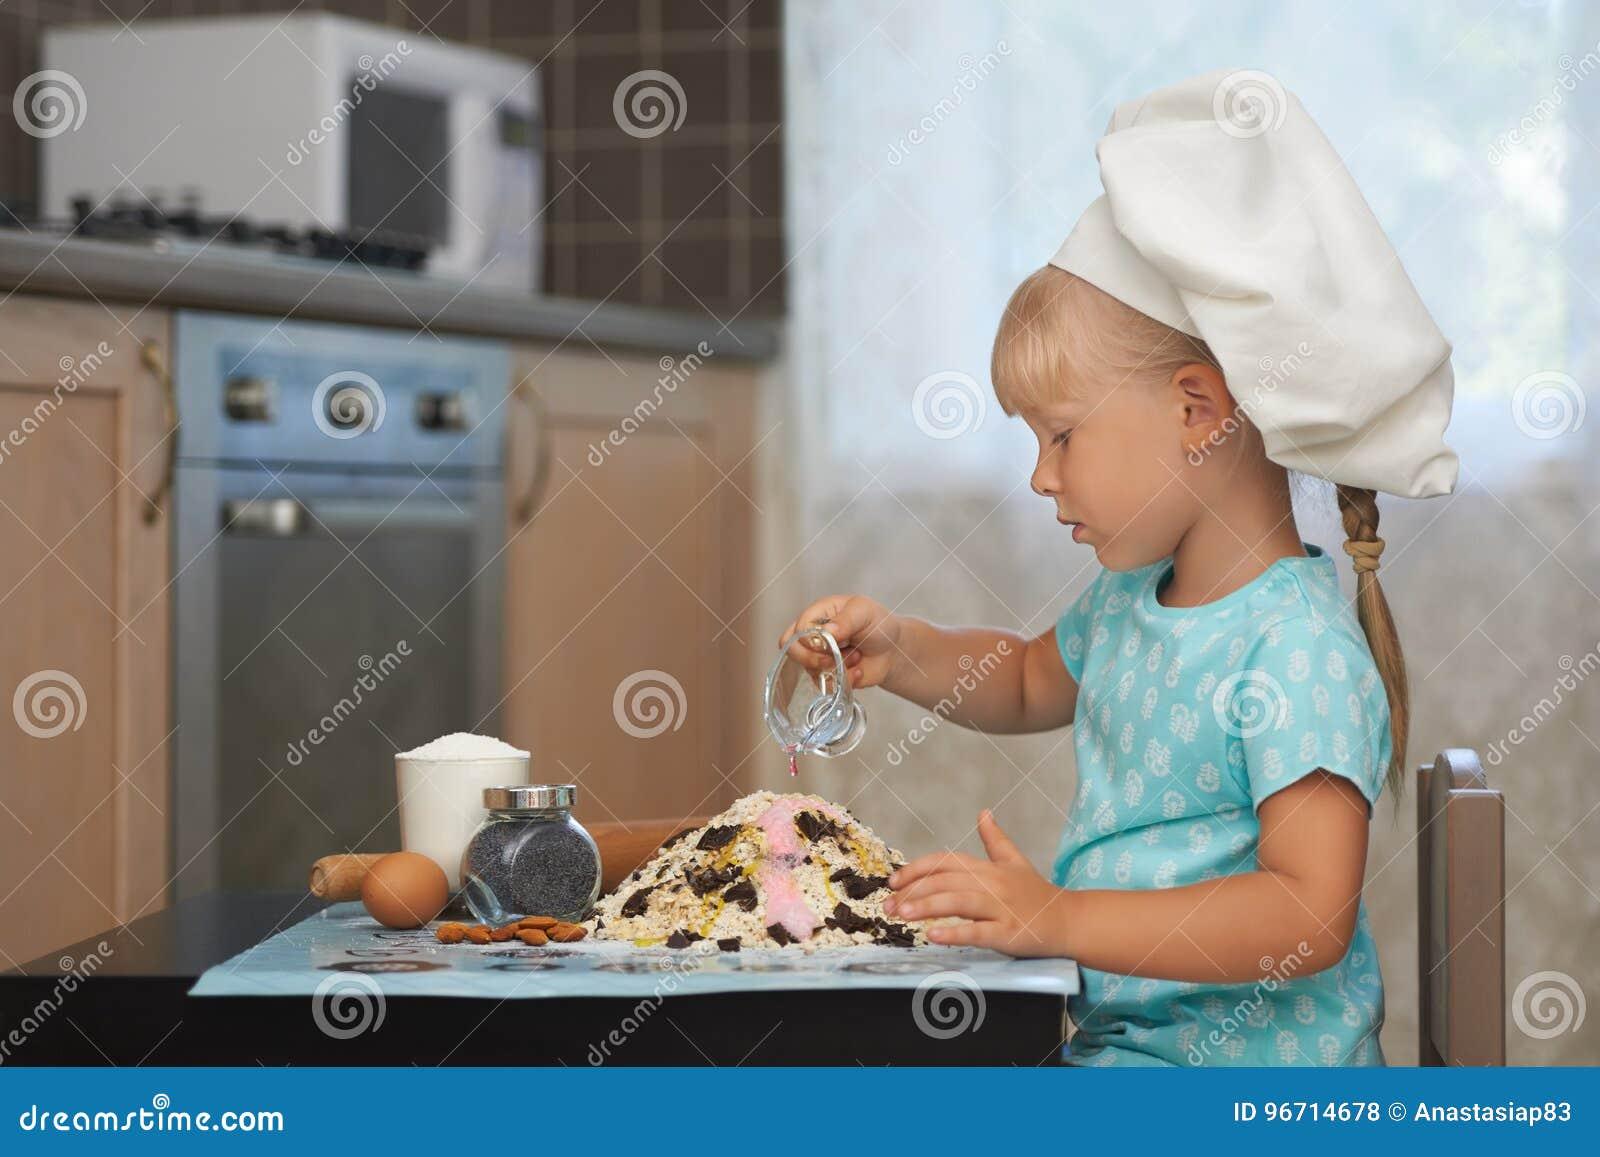 Μικρό κορίτσι που κατασκευάζει τη ζύμη σε μια μορφή του ηφαιστείου